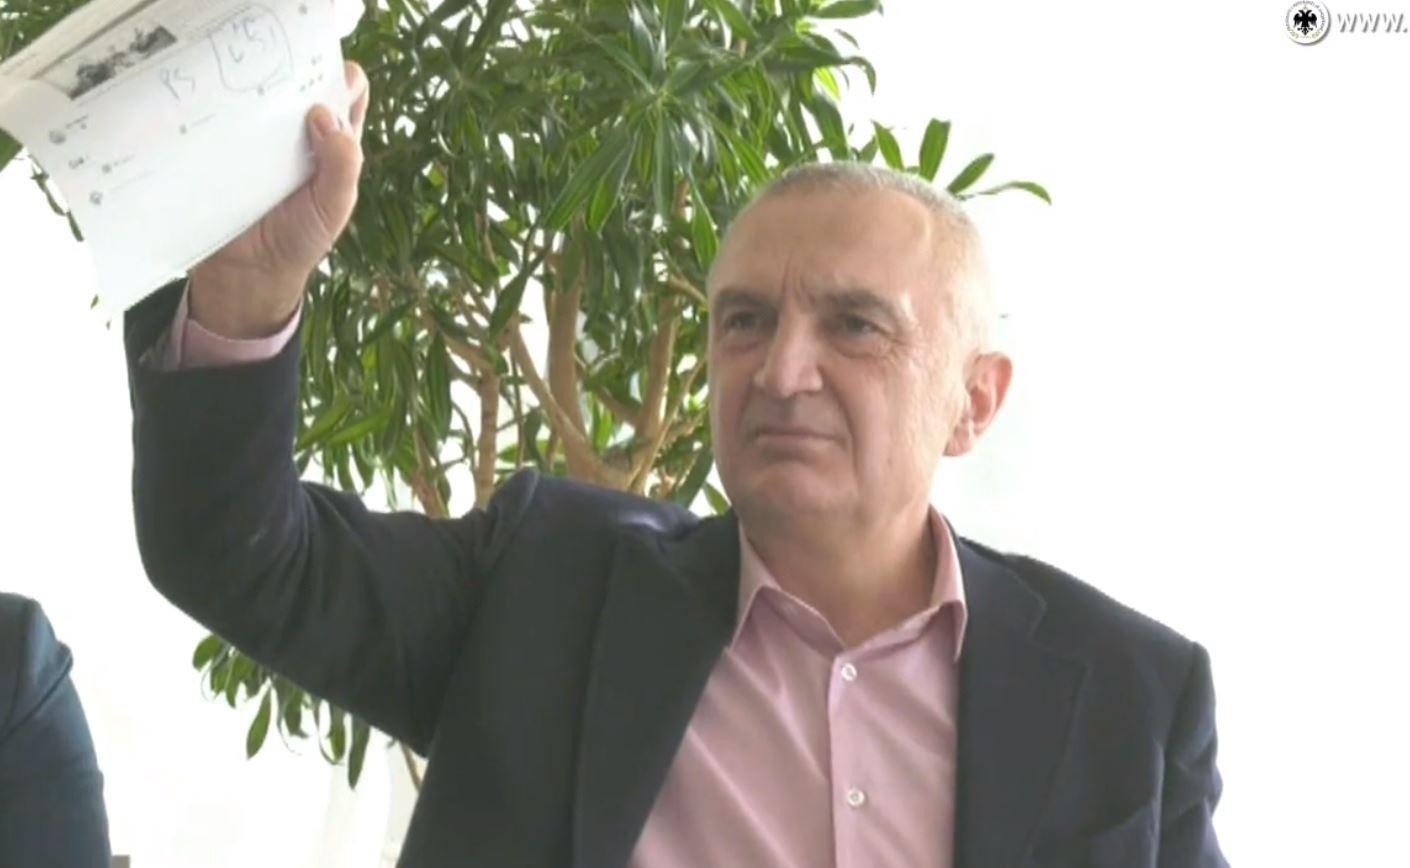 Meta sfidon PS-në: I gatshëm të shkoj në Selenicë me përfaqësues të qeverisë, për të vërtetën